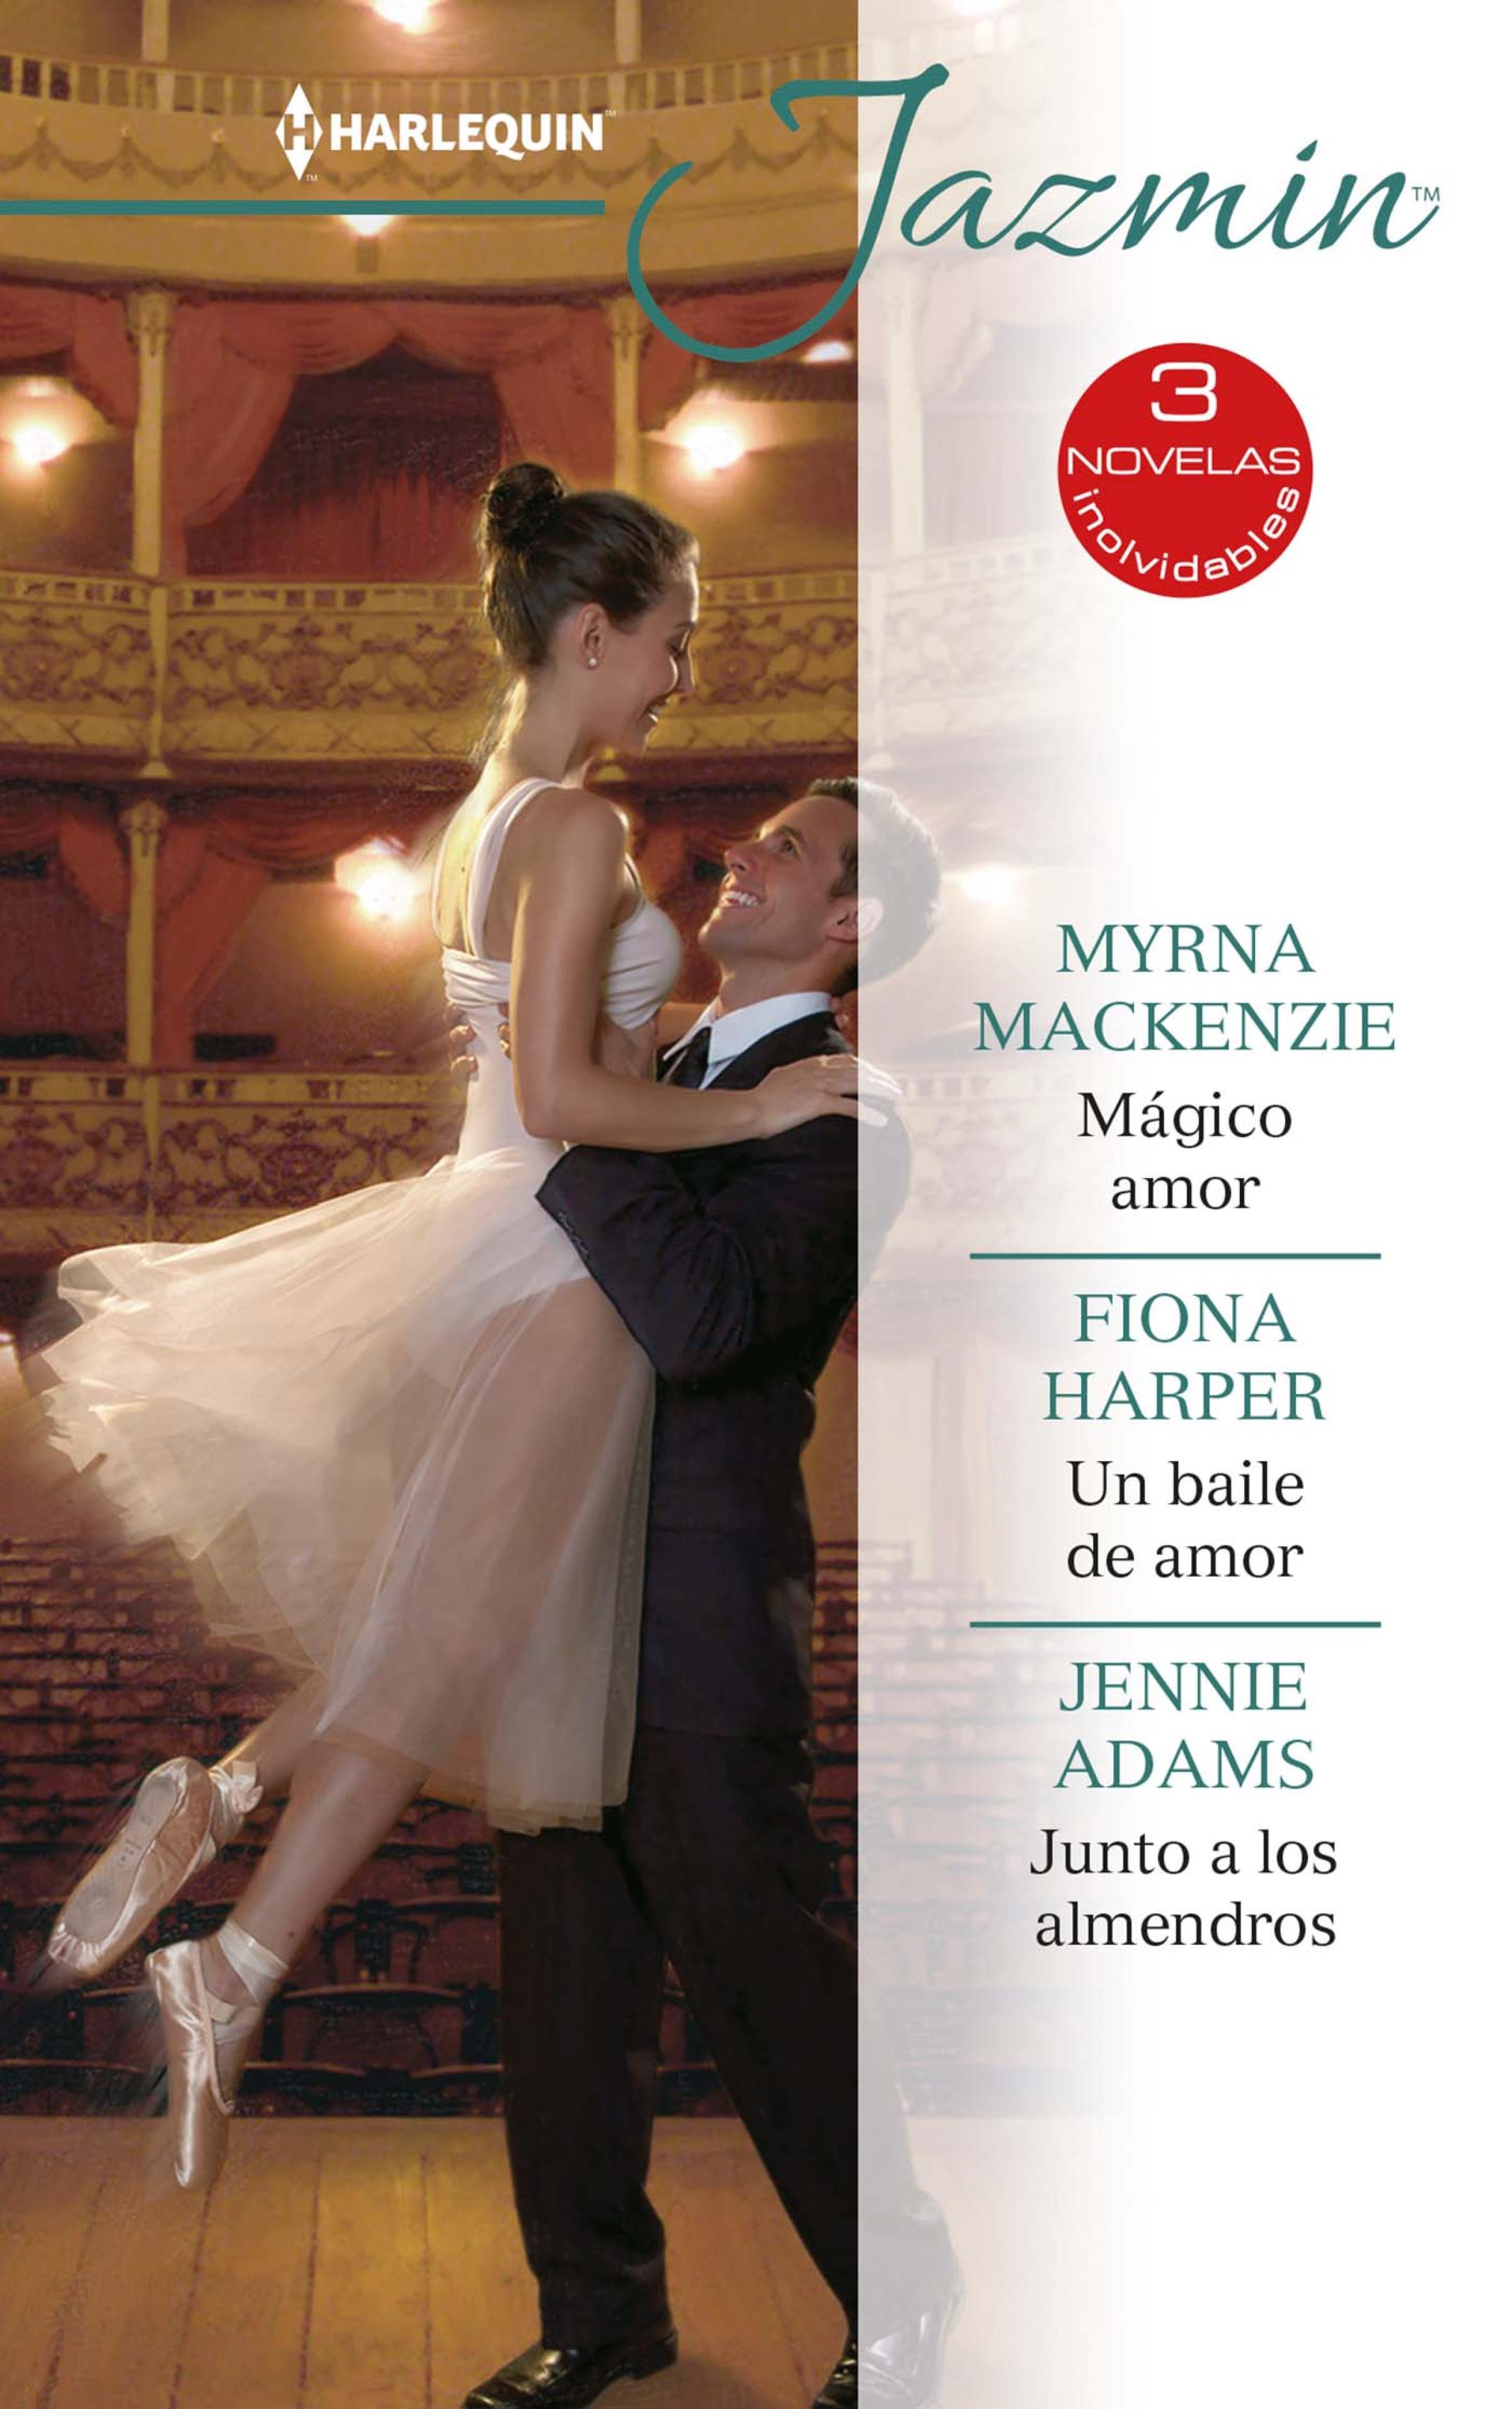 Mágico amor - Un baile de amor - Junto a los almendros